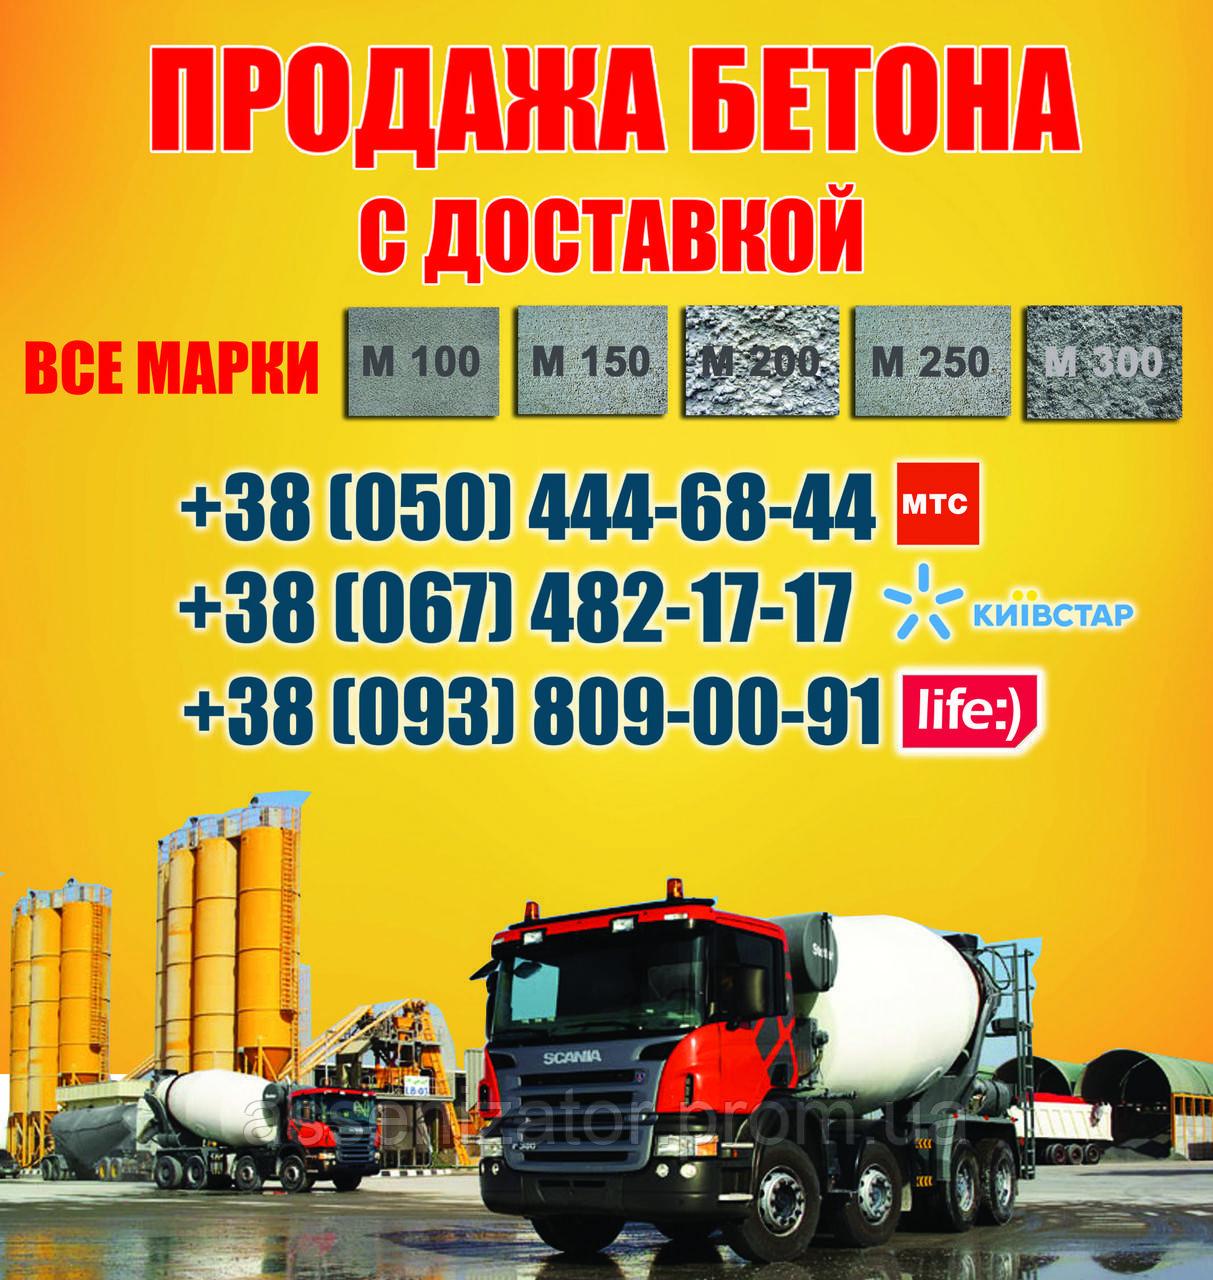 Бетон Купянск. Купить бетон в Купянске. Цена за куб по Купянску. Купить с доставкой бетон КУПЯНСК.